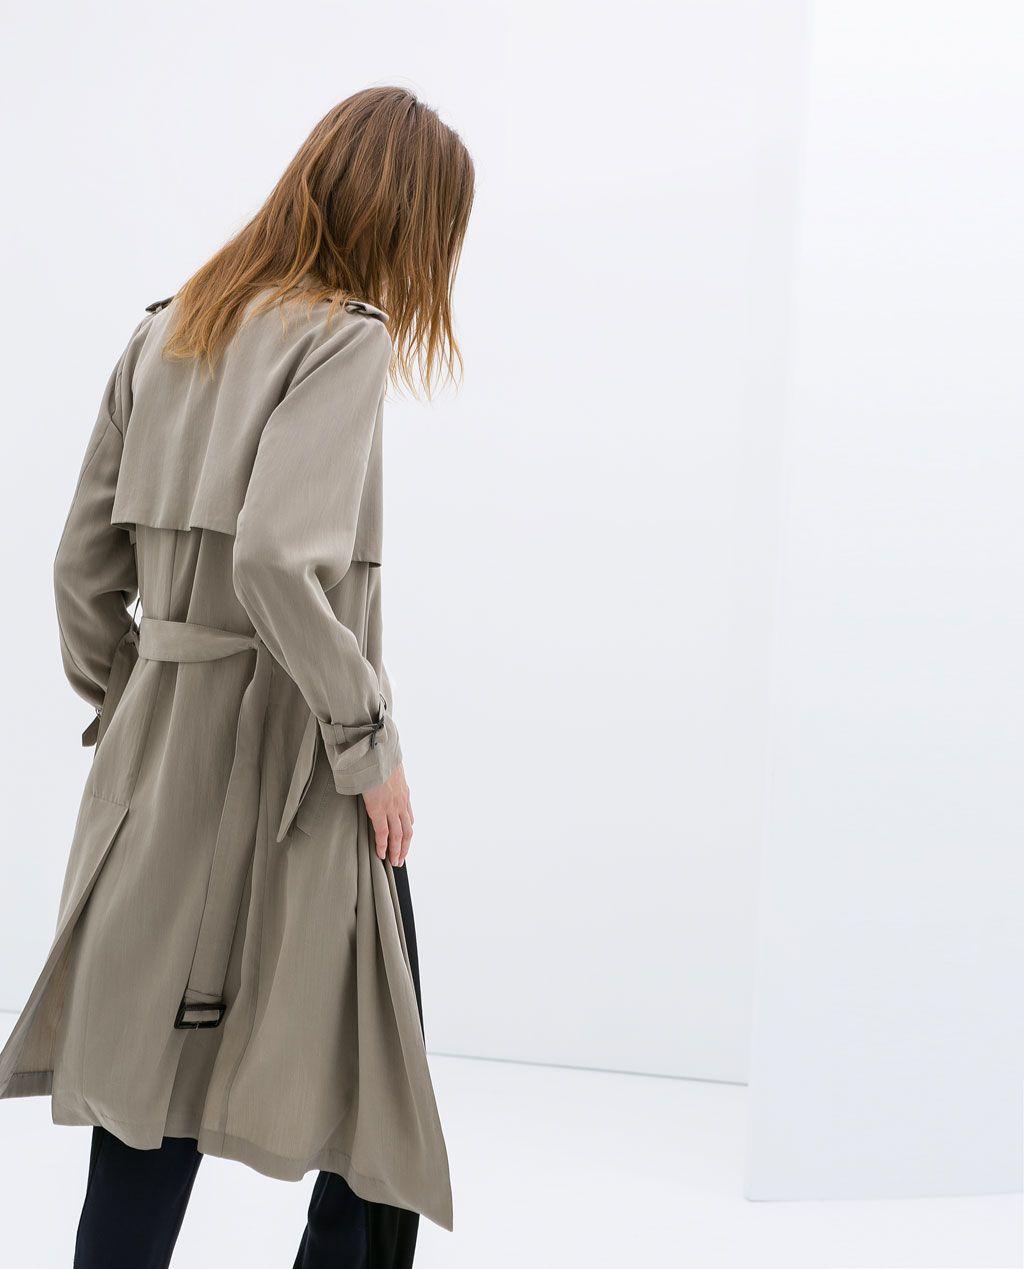 Zara Woman Long A Line Trench Coat Grey Coats For Women Trench Coats Women Coats For Women